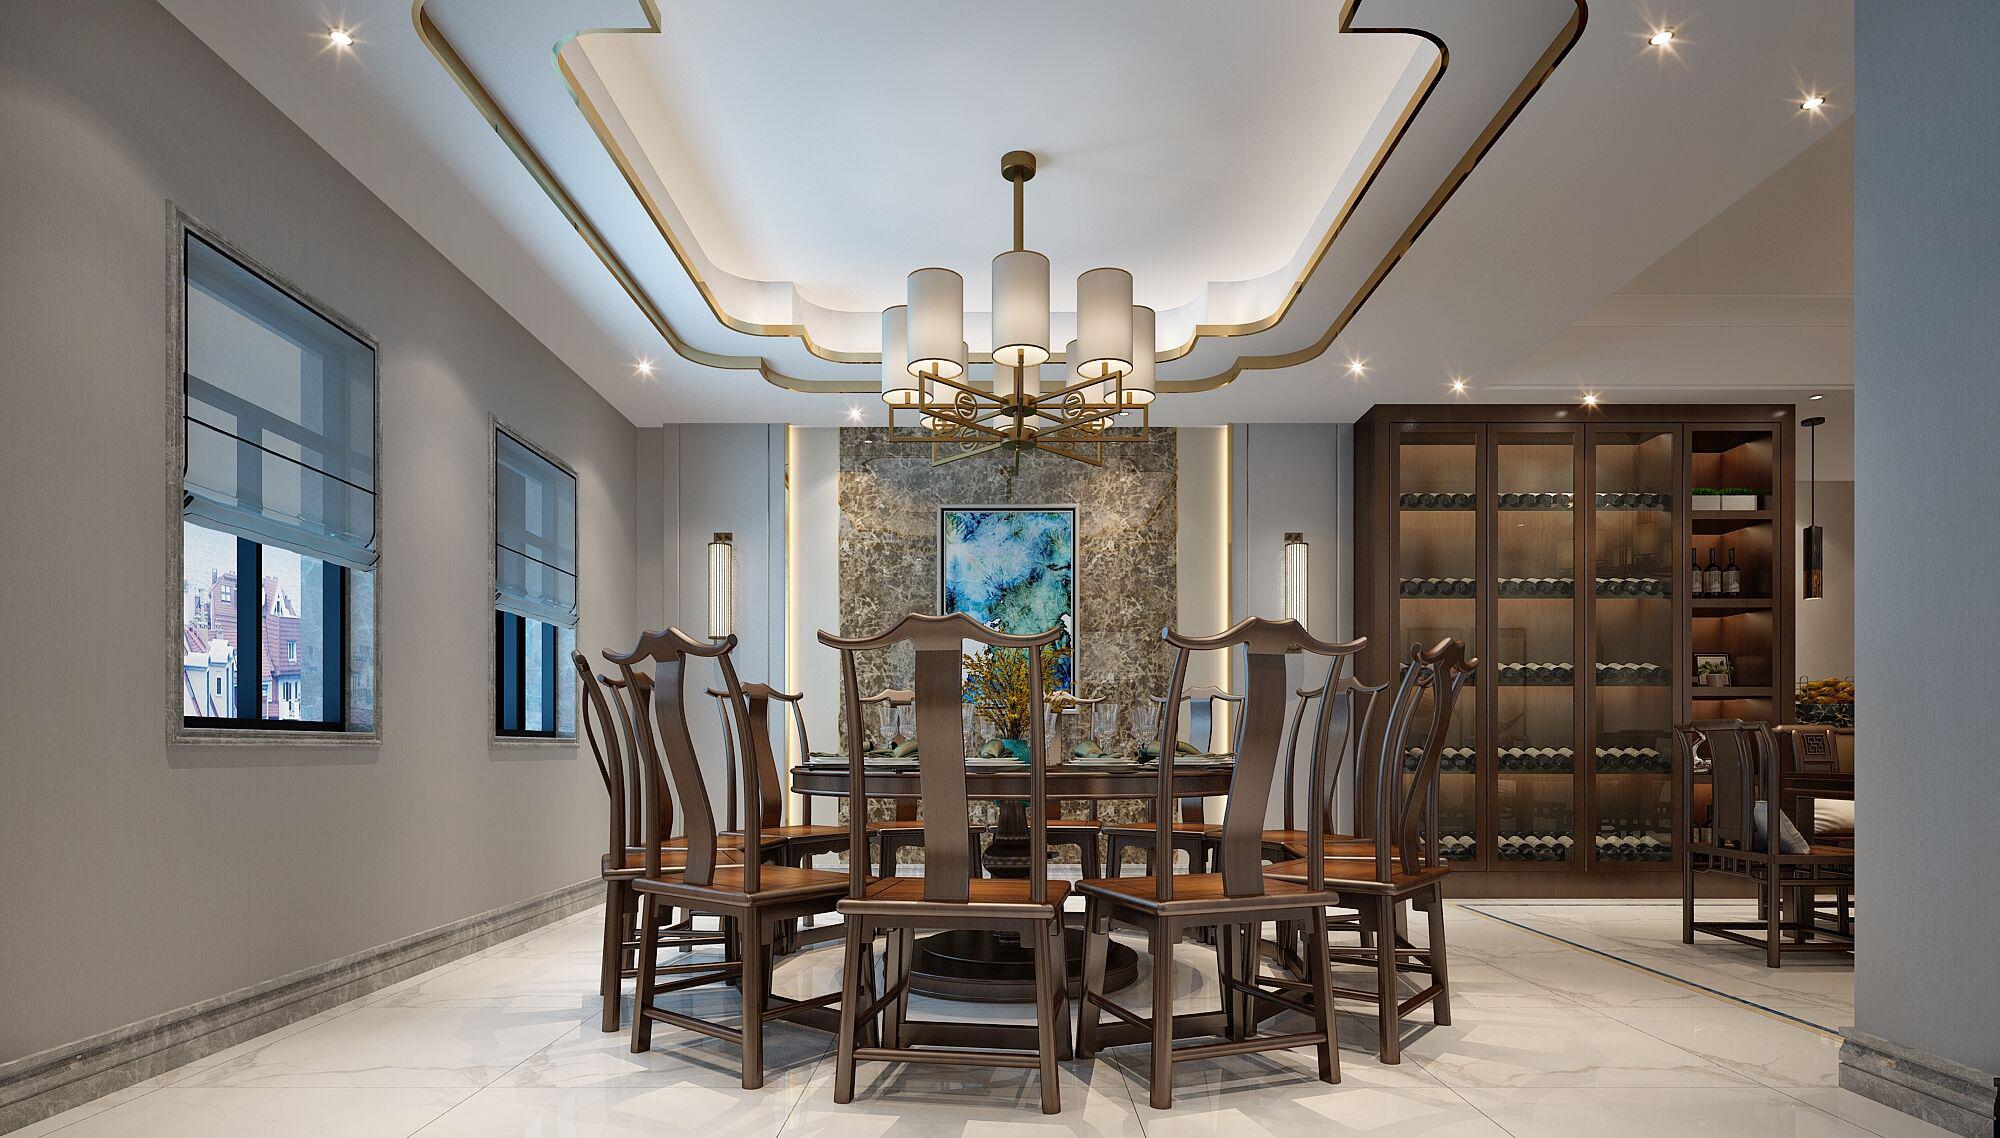 别墅 设计 装修 案例 新中式风格 餐厅图片来自无锡别墅设计s在吉宝澜岸名邸新中式案例的分享